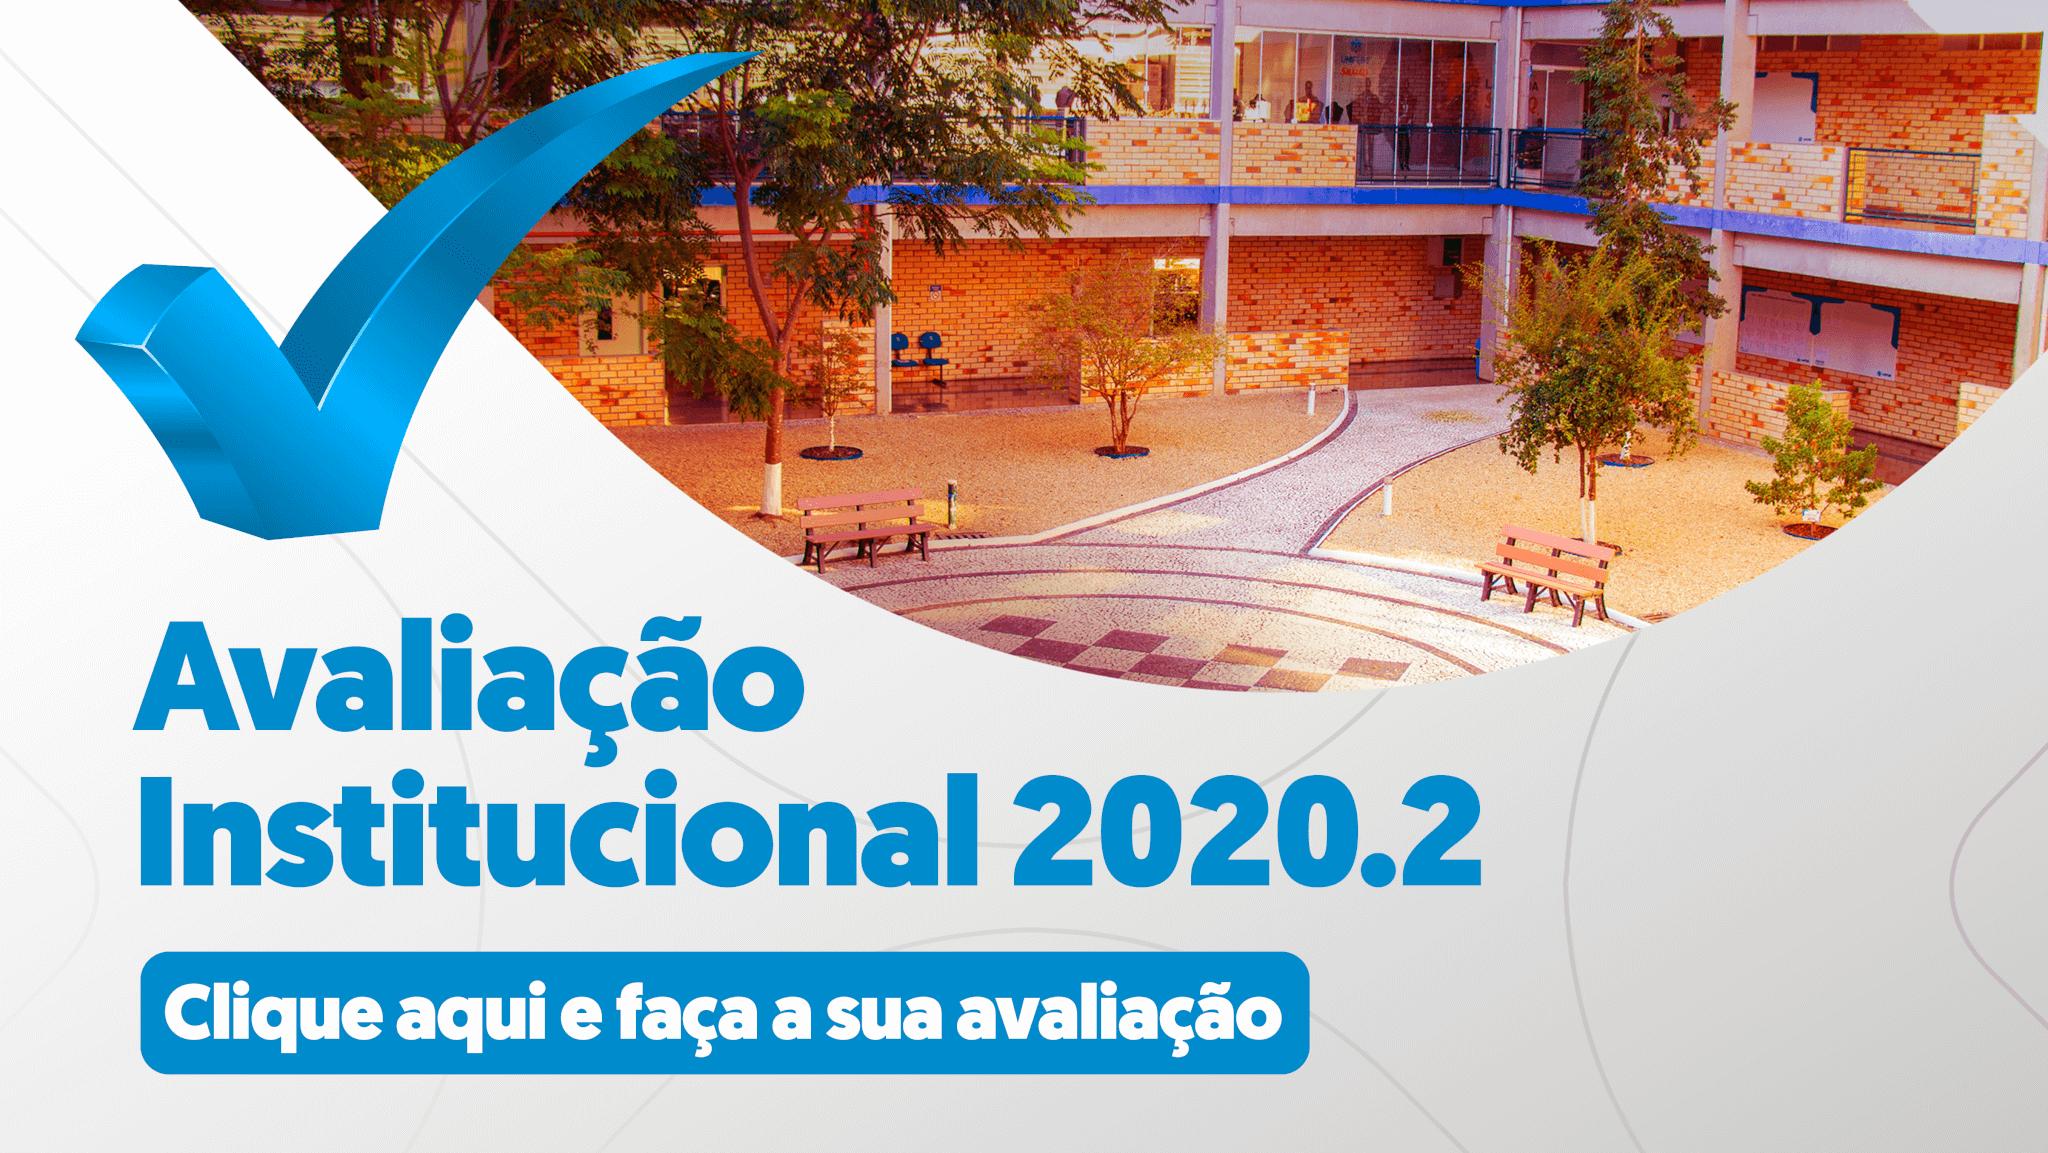 Avaliação Institucional Banner mobile 2020.2